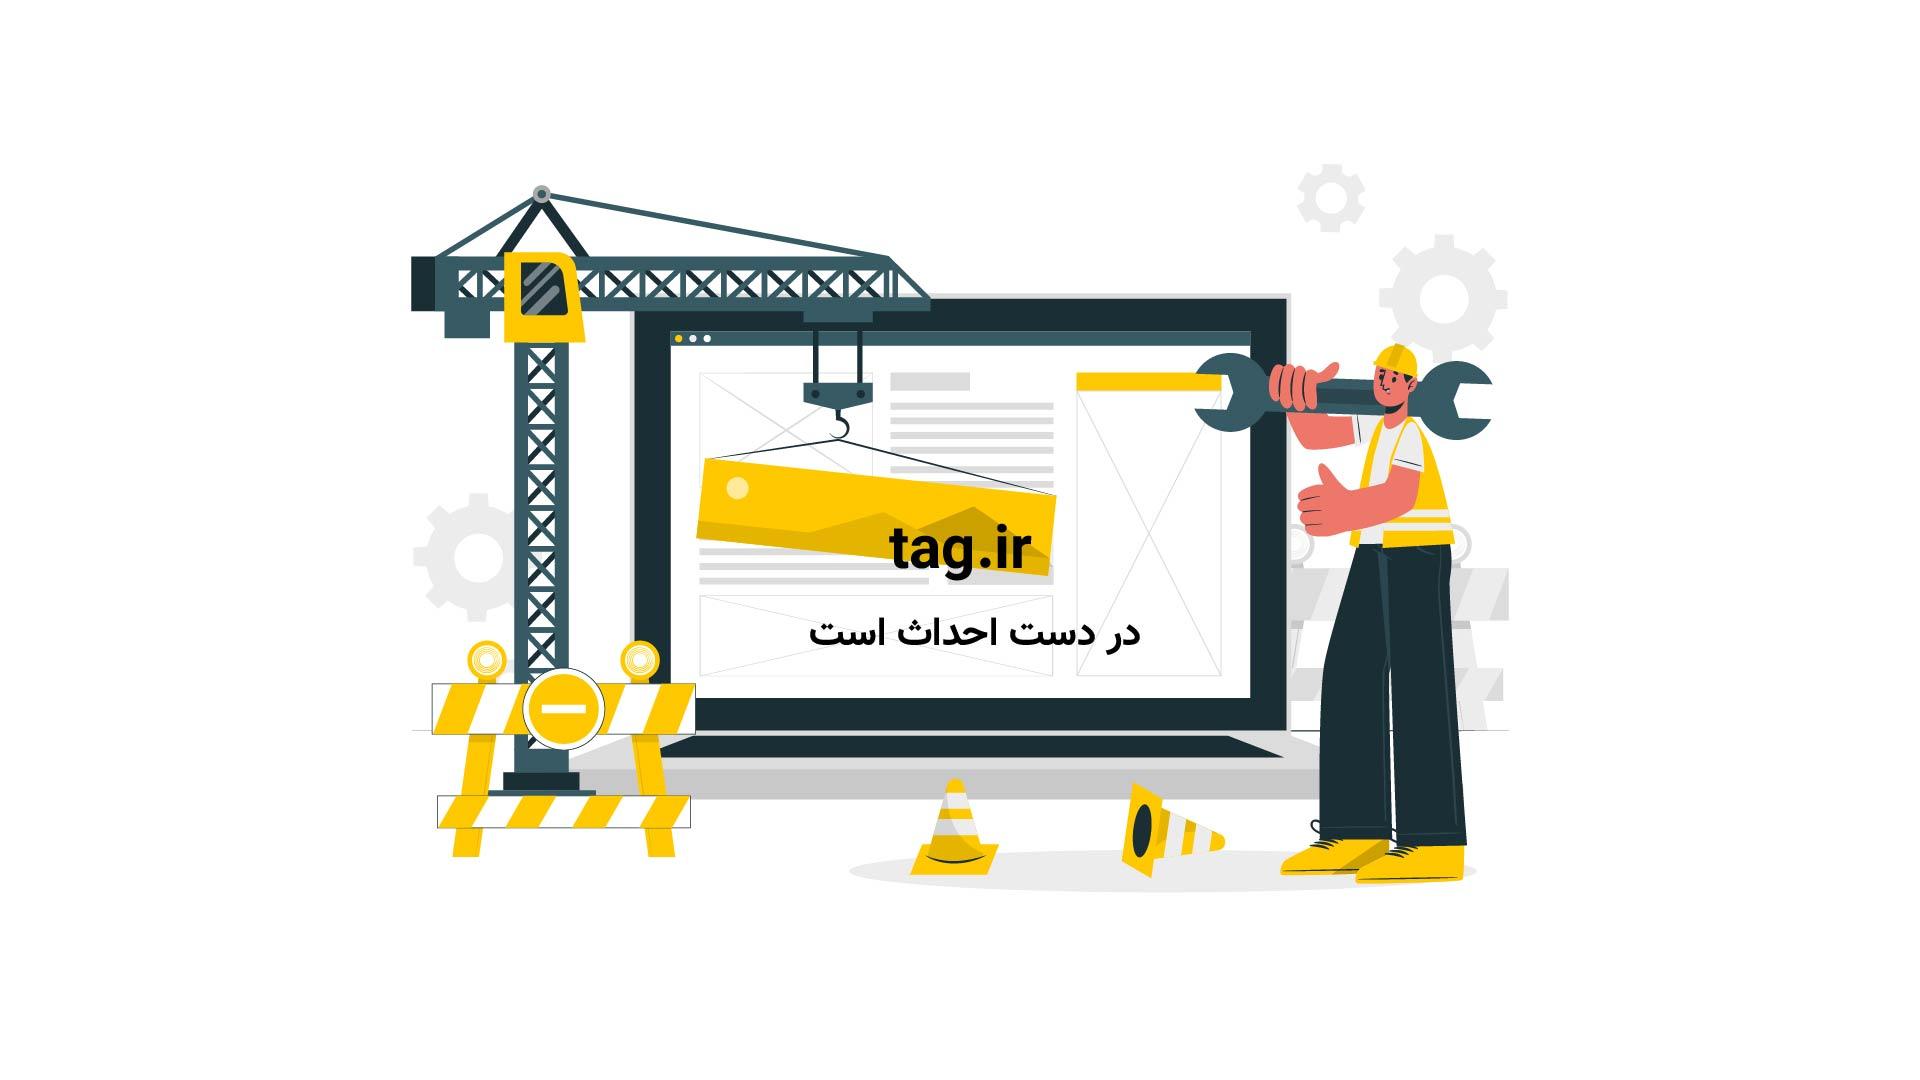 عناوین روزنامههای ورزشی یکشنبه 30 مهر | فیلم